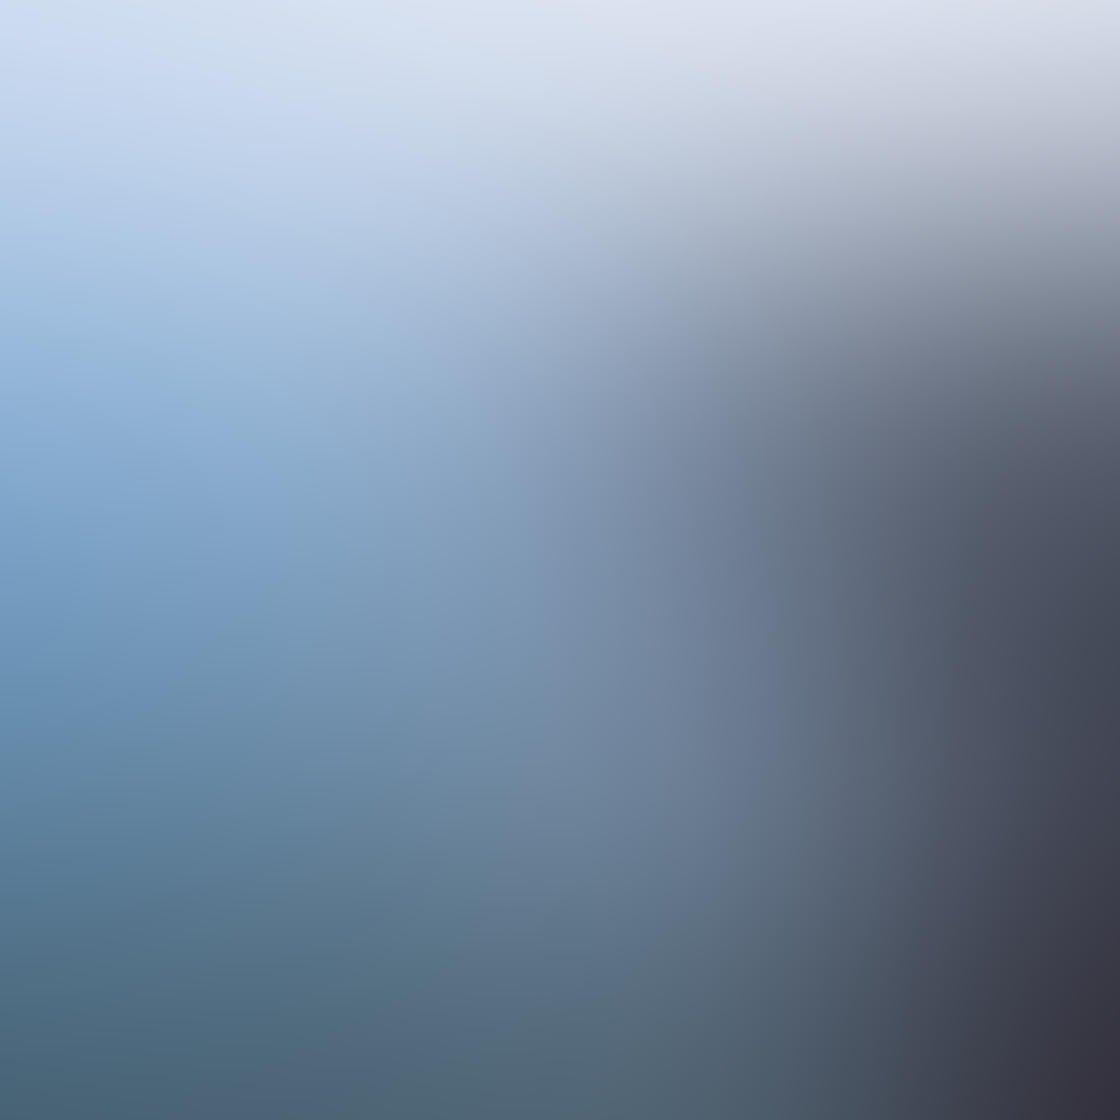 Landscape iPhone Photo Composition 31